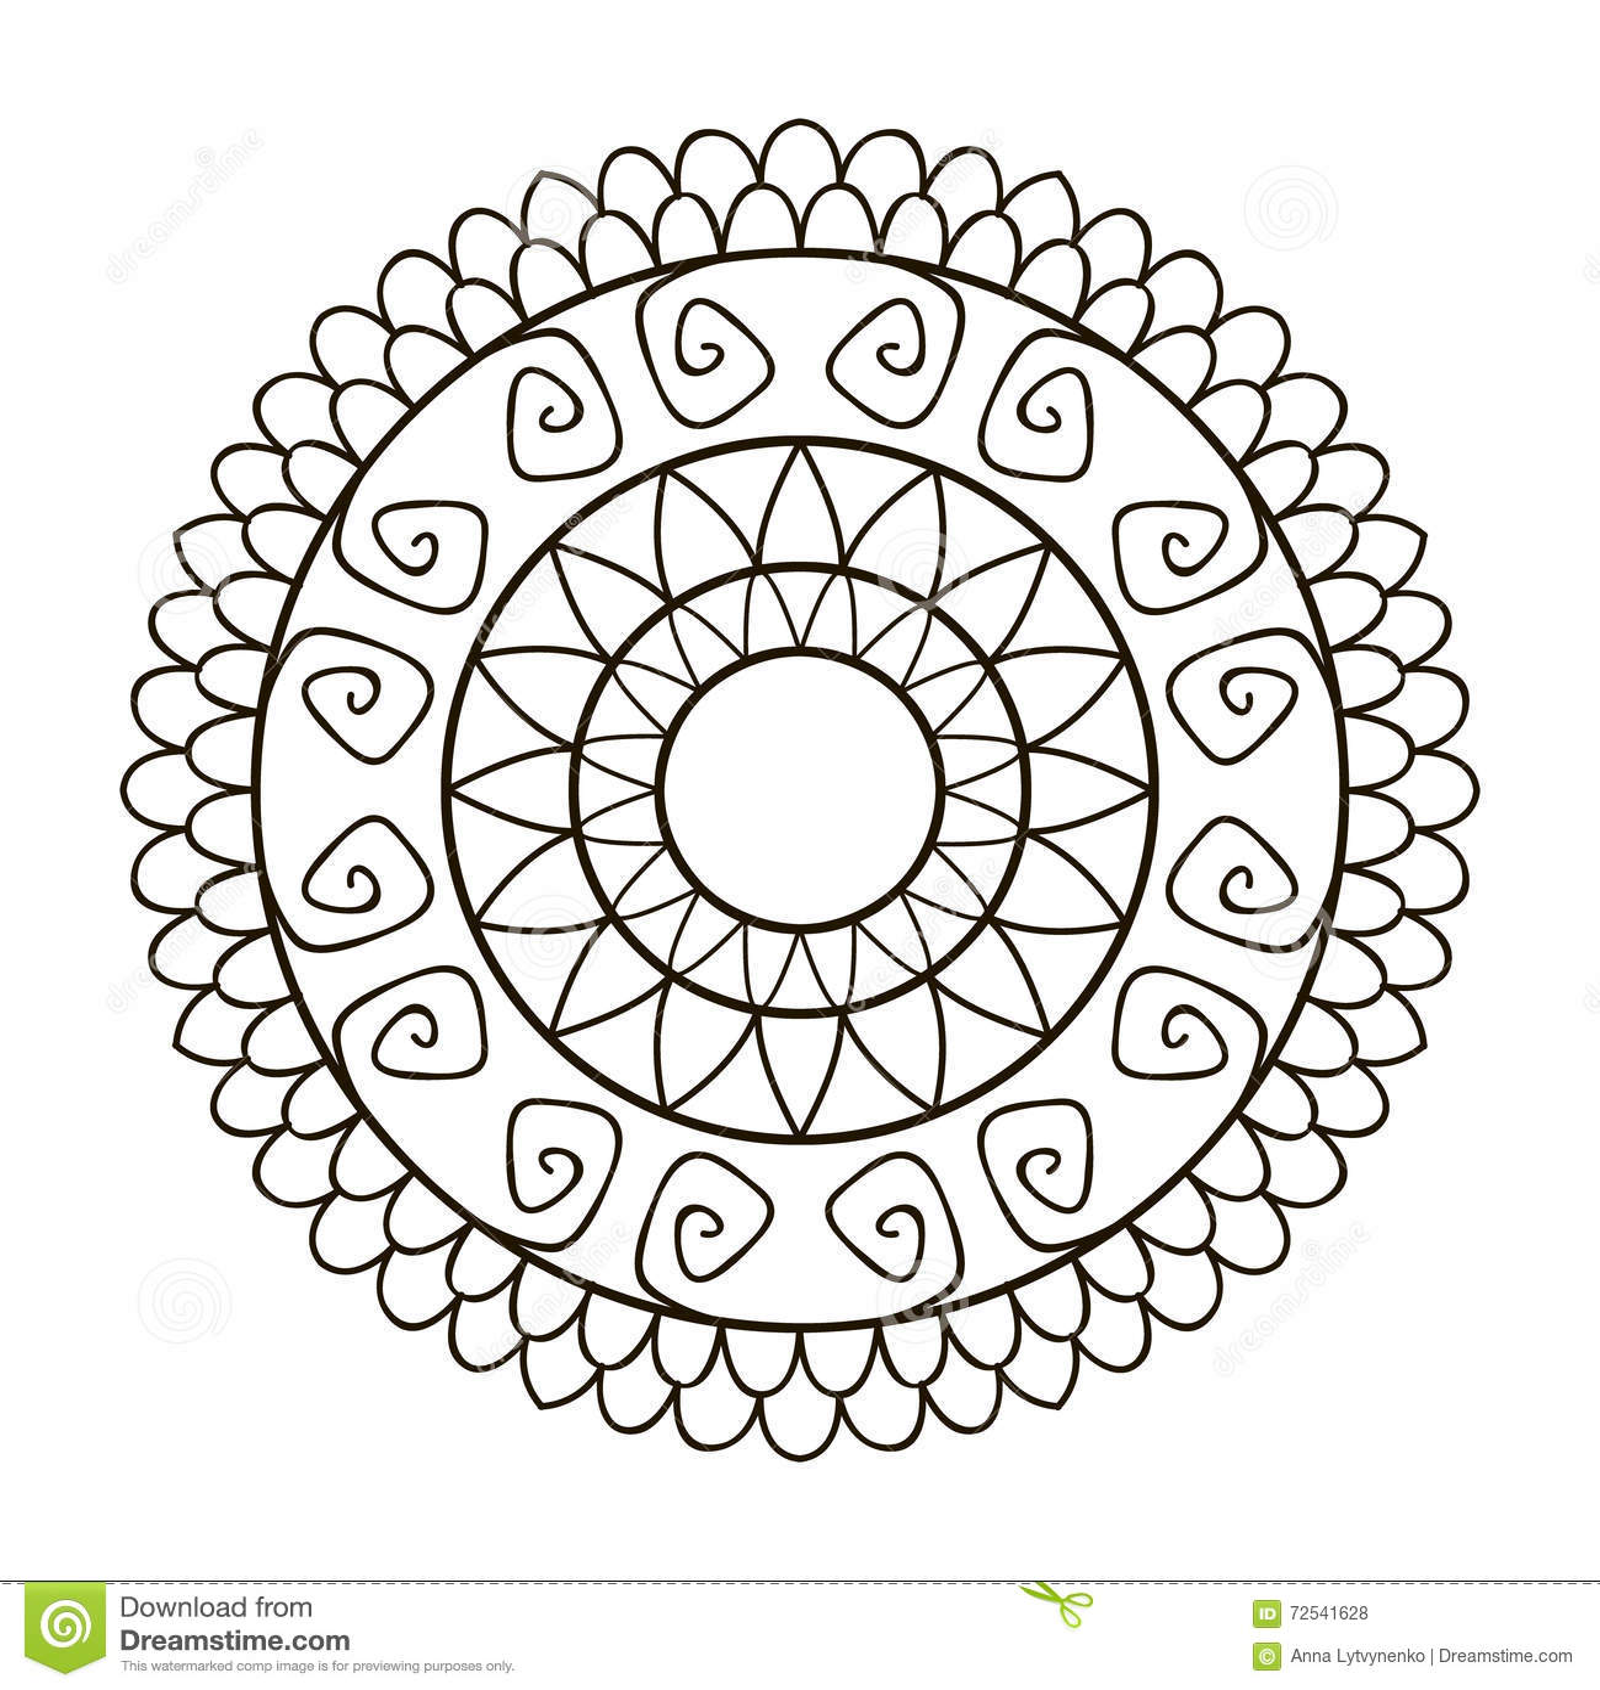 Florezca La Mandala Para Las Tarjetas, Las Impresiones, La Materia ...